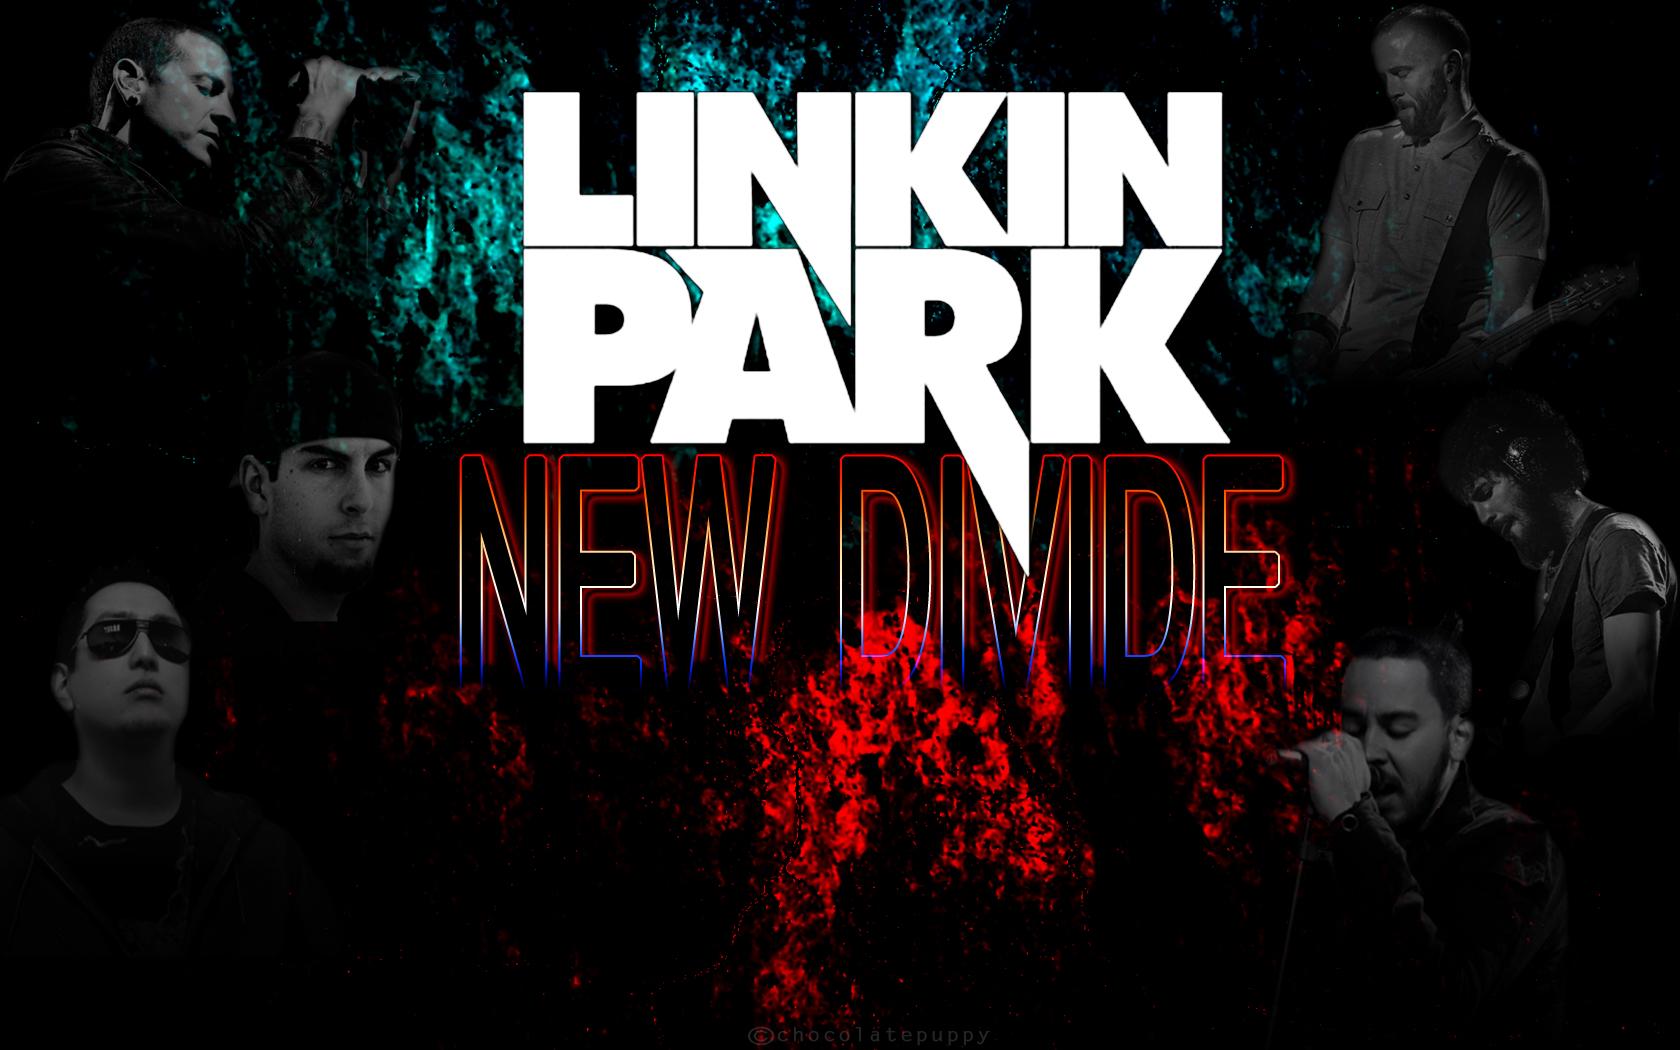 LP - New Divide by chocolatepuppy on DeviantArt